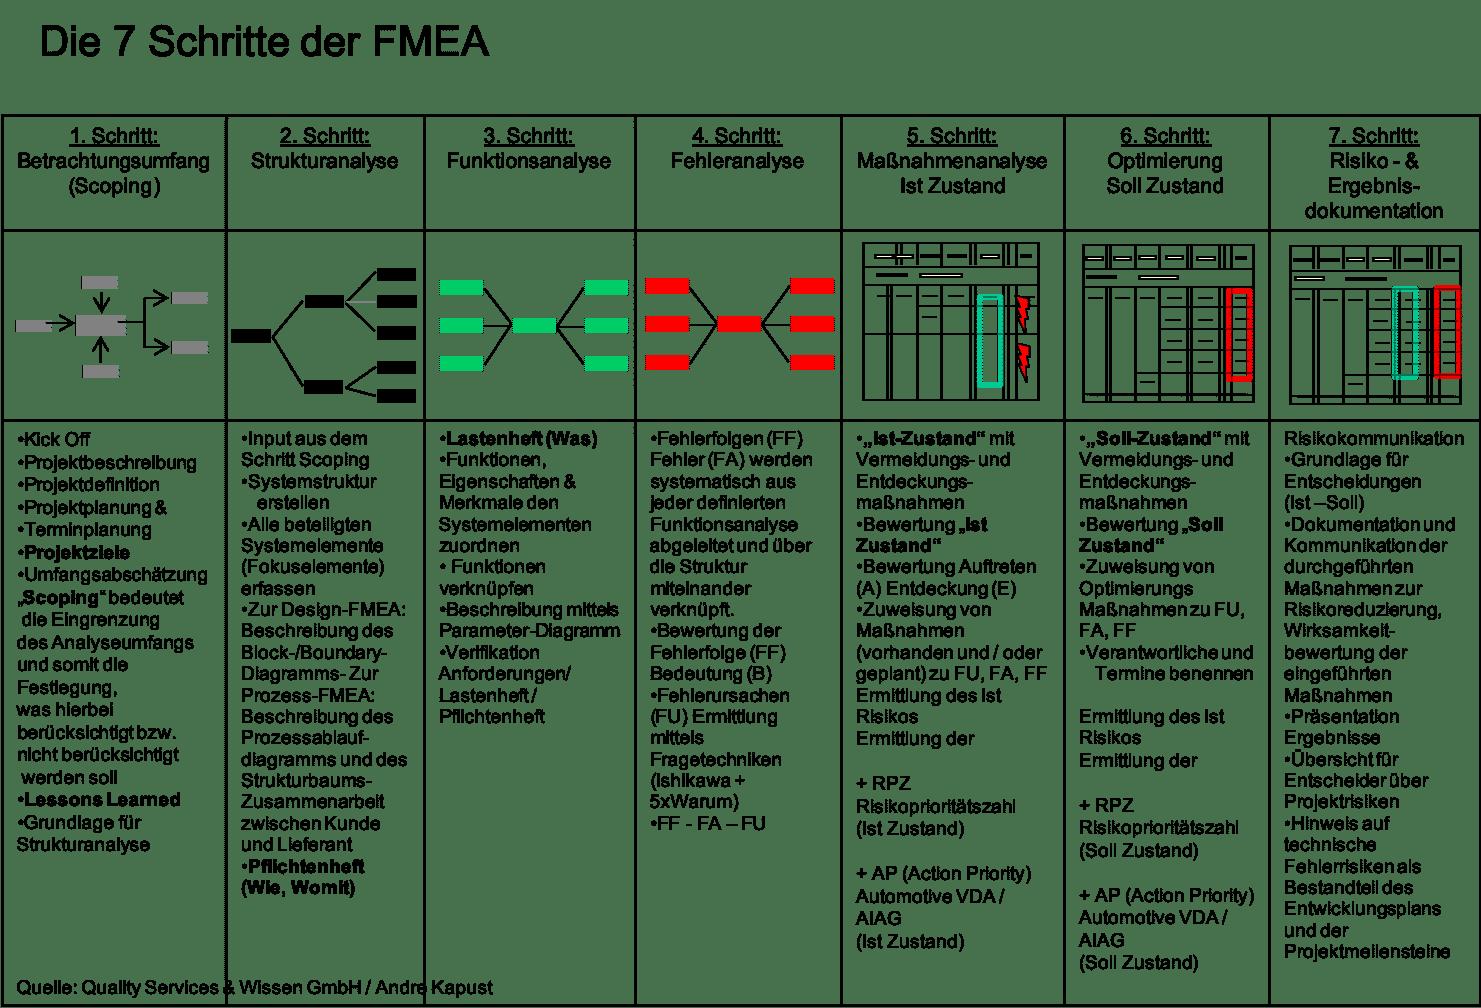 6 Schritte FMEA